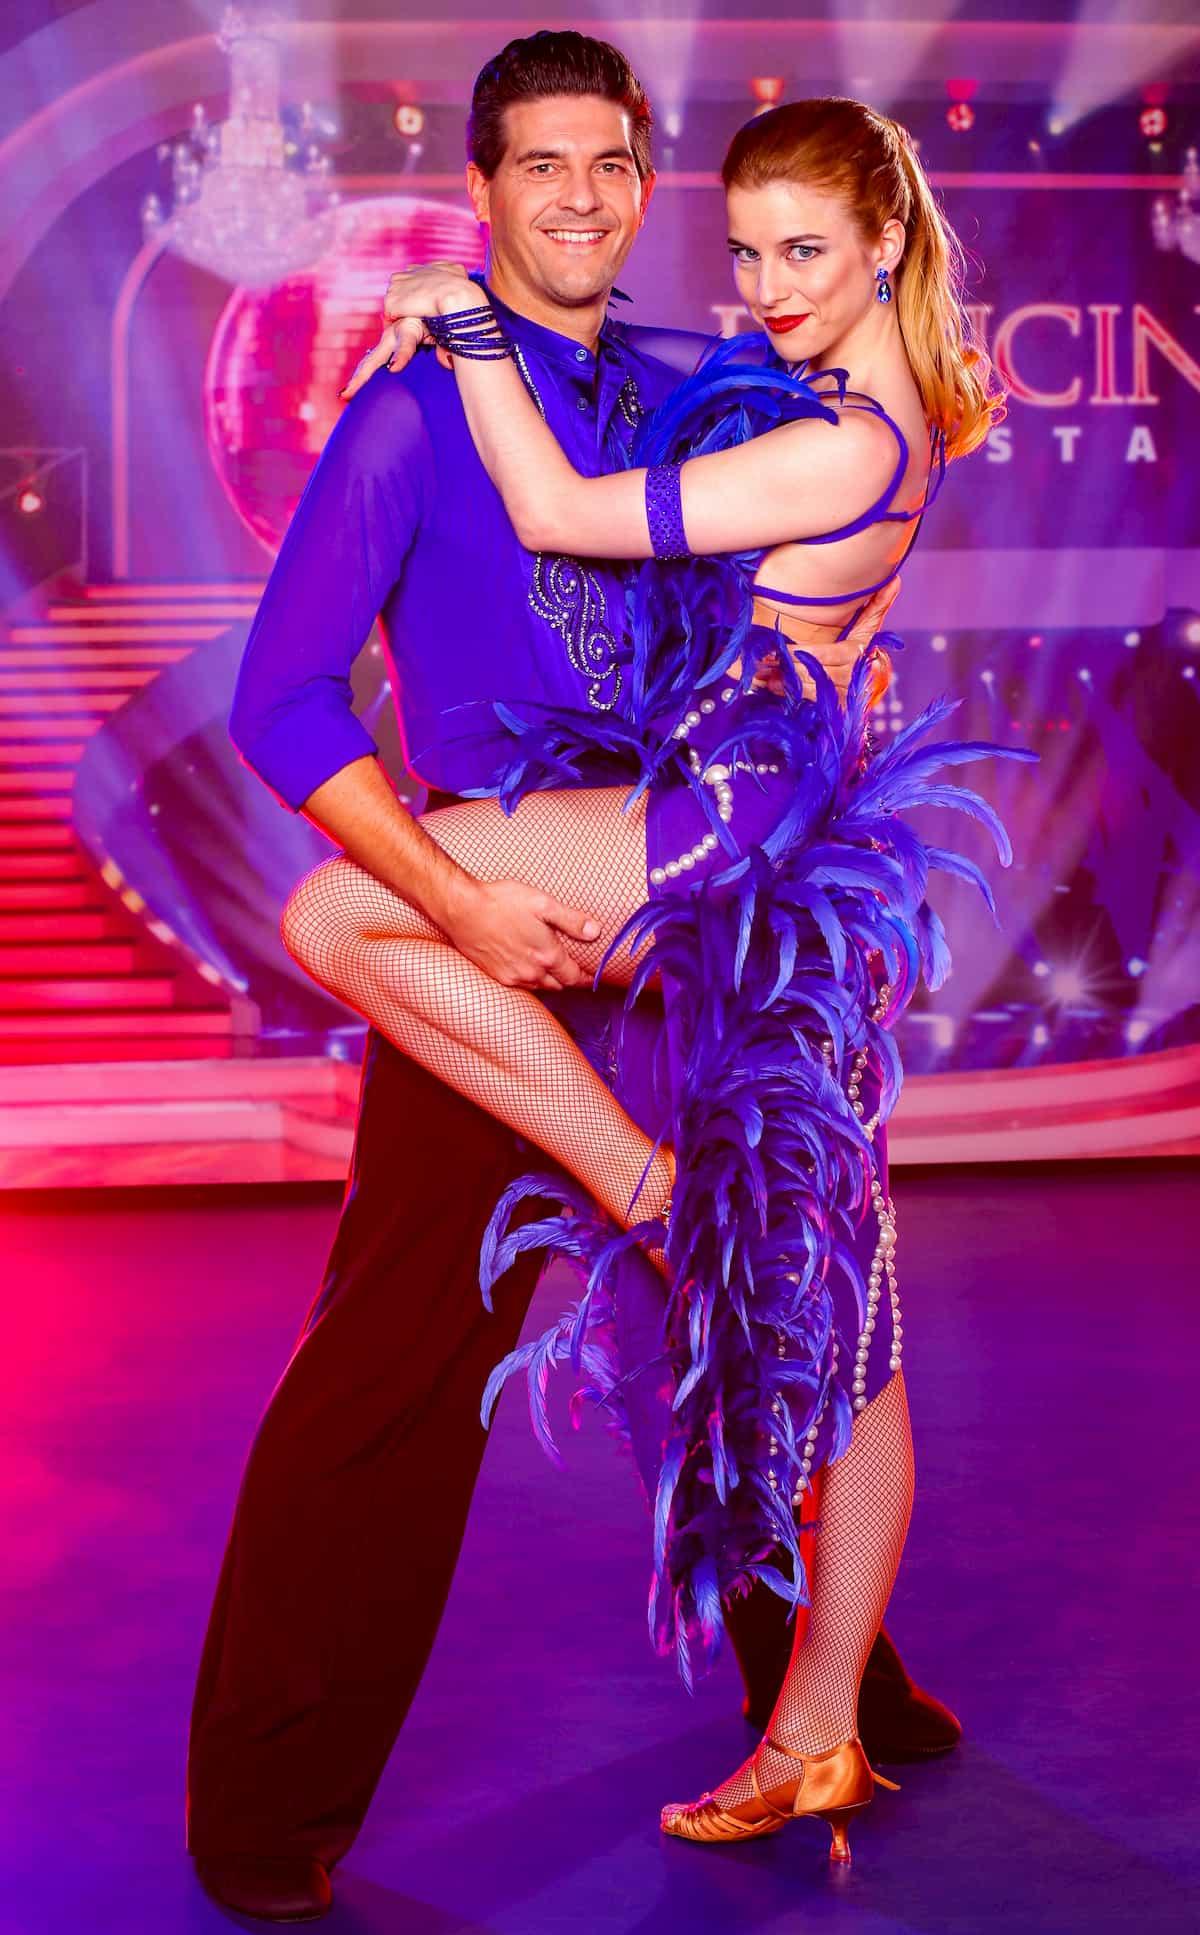 Norbert Oberhauser - Catharina Malek bei den Dancing Stars am 6.11.2020